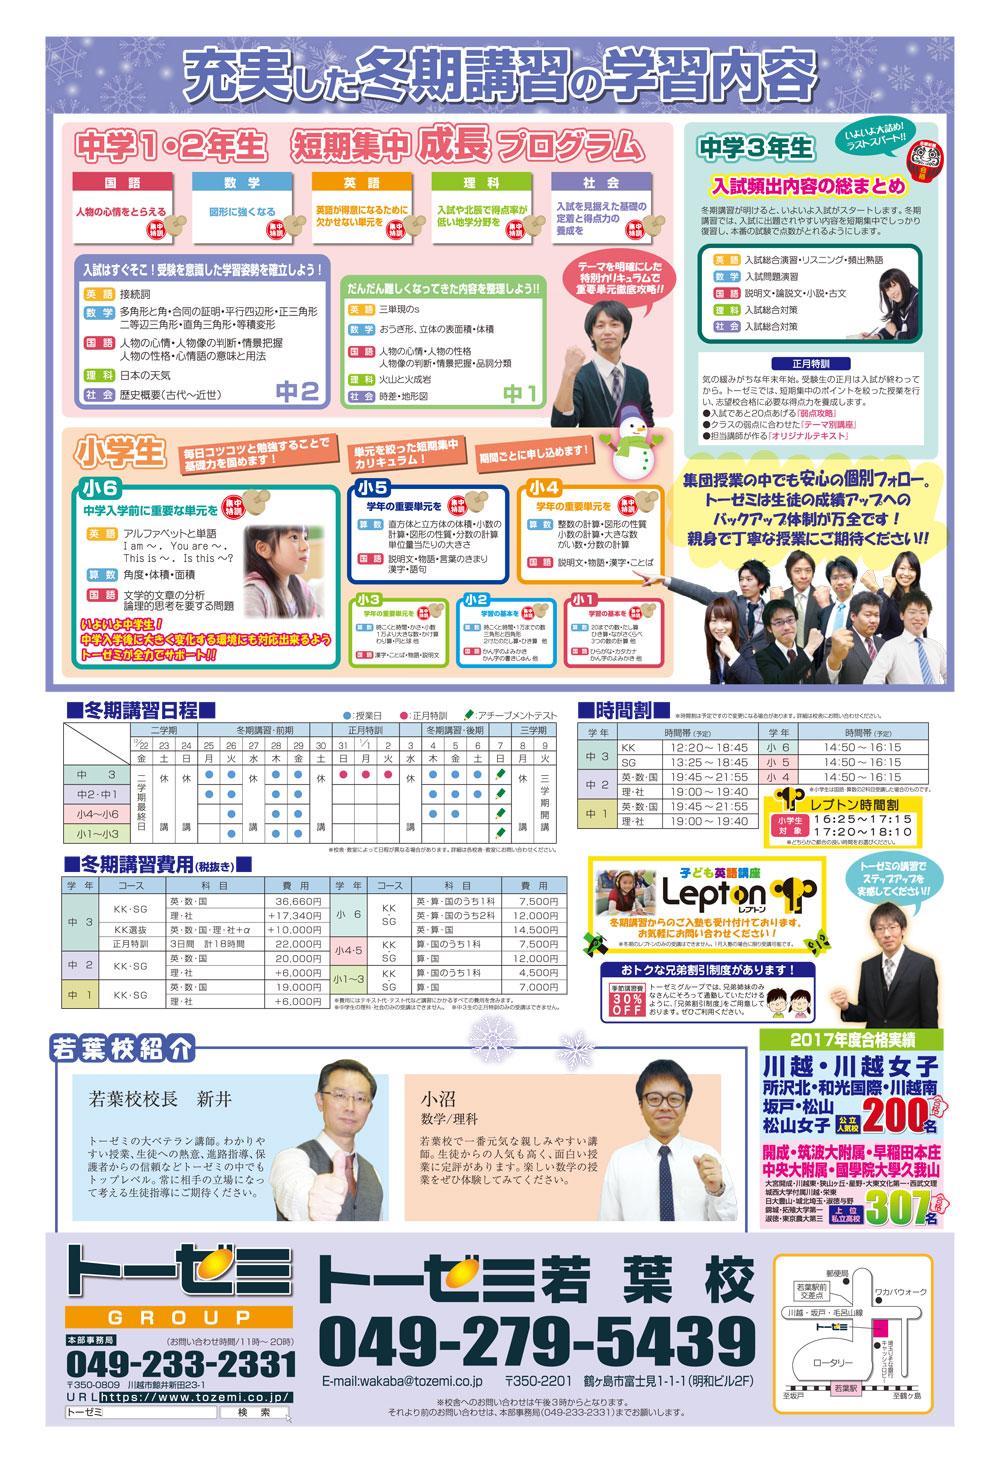 鶴ヶ島市の学習塾トーゼミ 若葉校の冬期講習